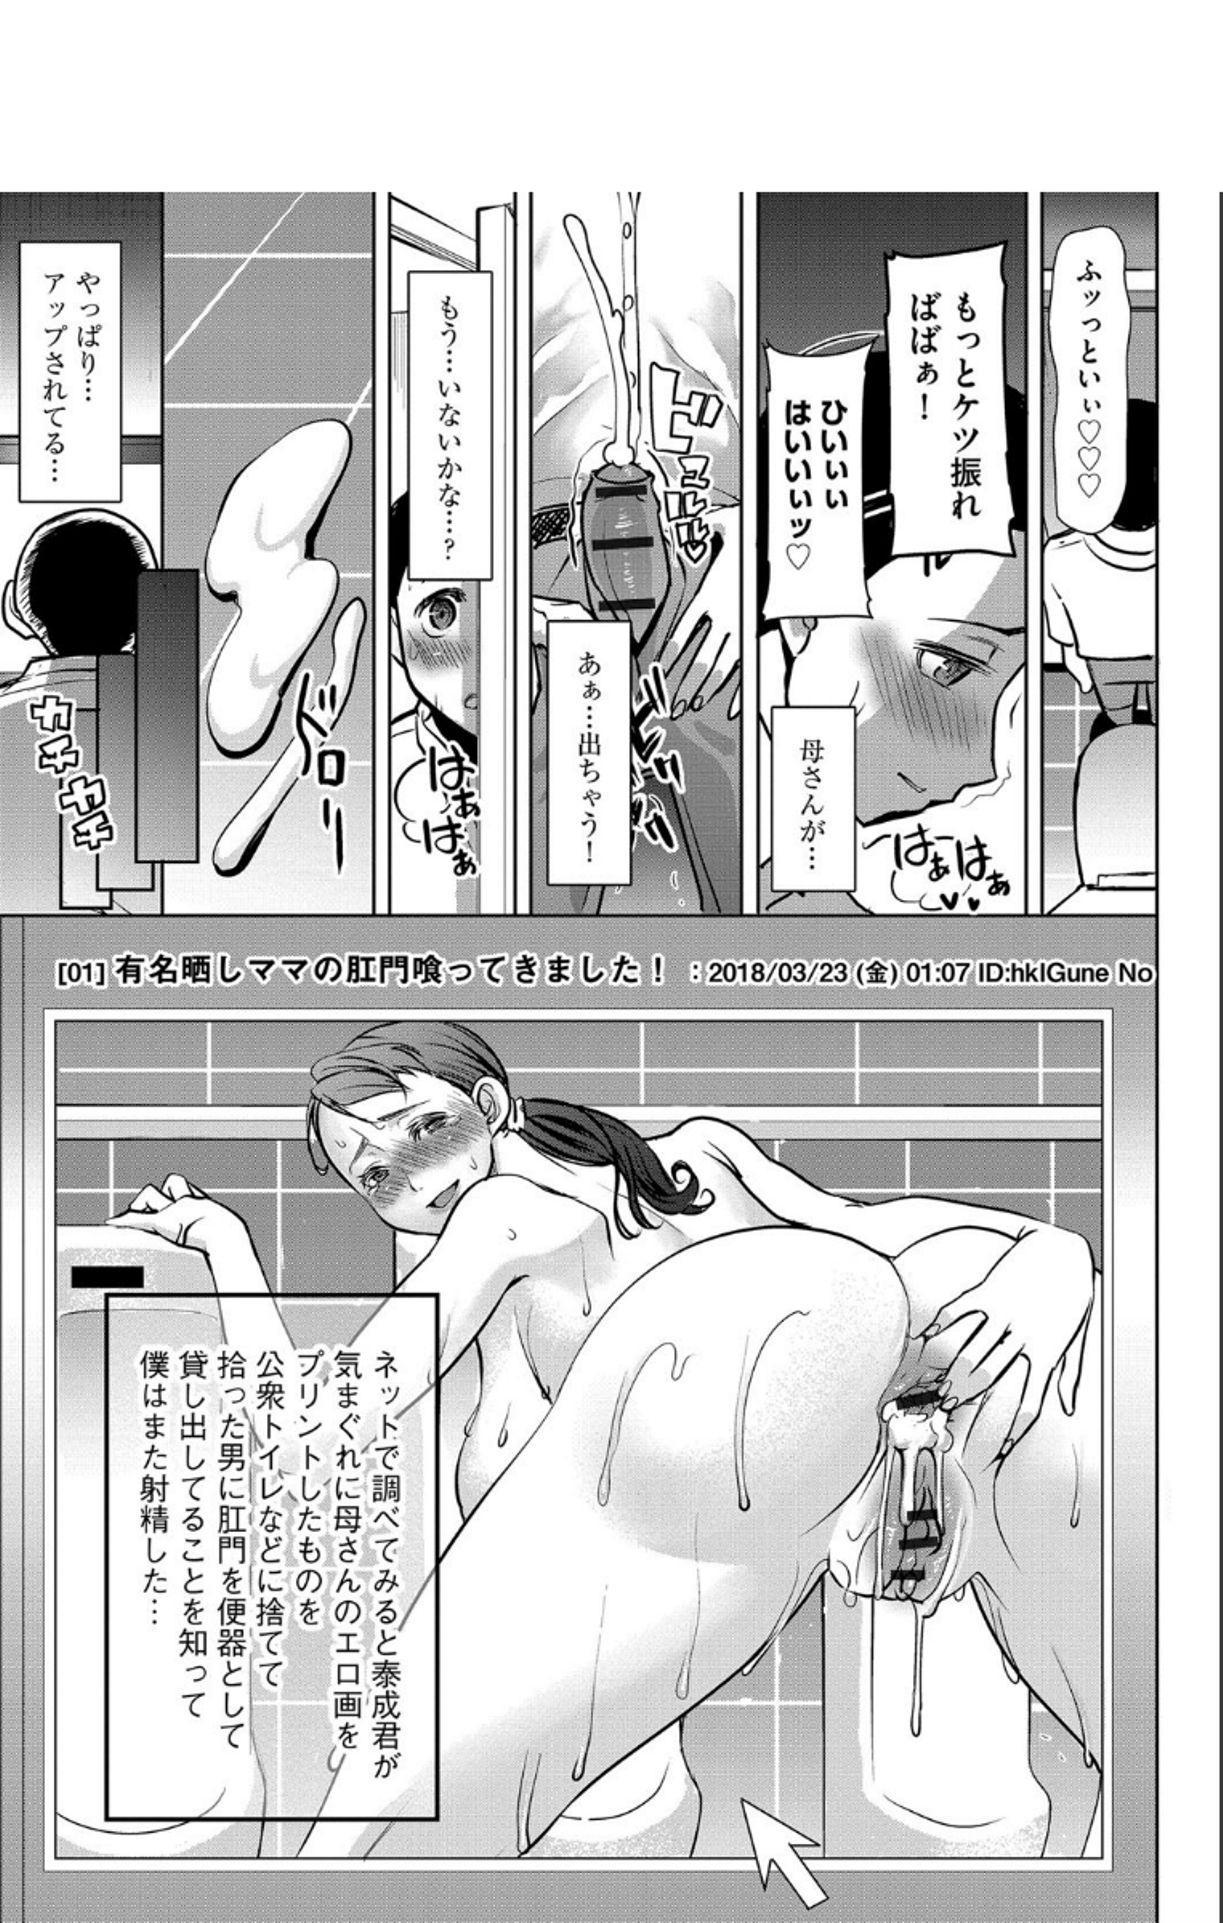 Boku no Kazoku o Sarashimasu + DMM Gentei Tokuten Paper 229